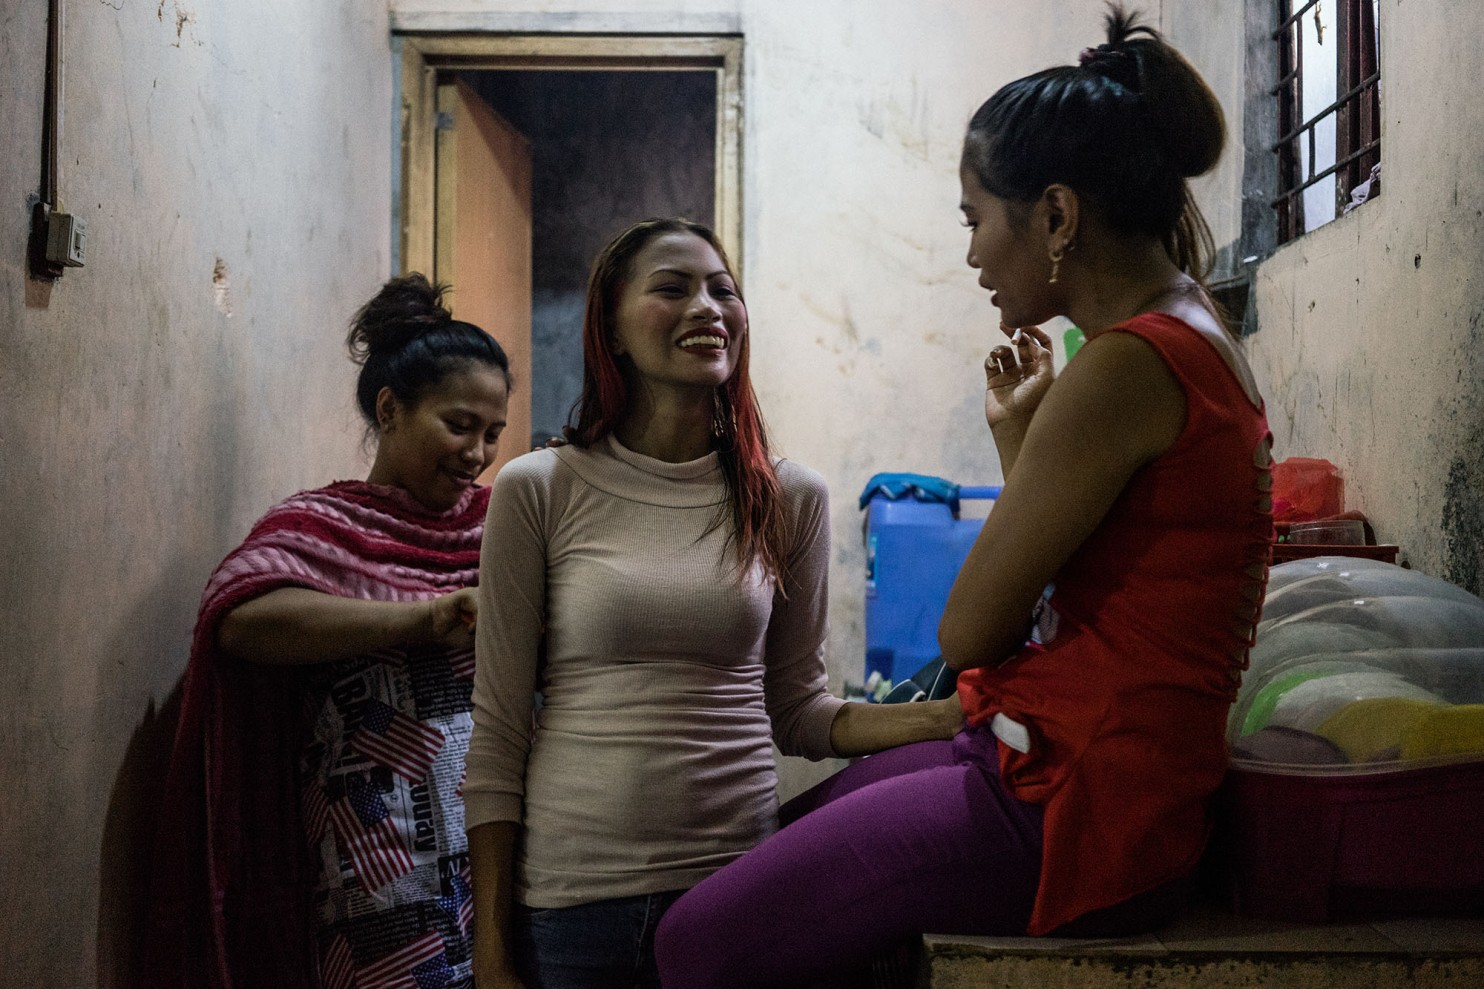 Тайфун бесчестия: как стихия ввергла целое поколение филиппинок в проституцию (14 фото) 18+